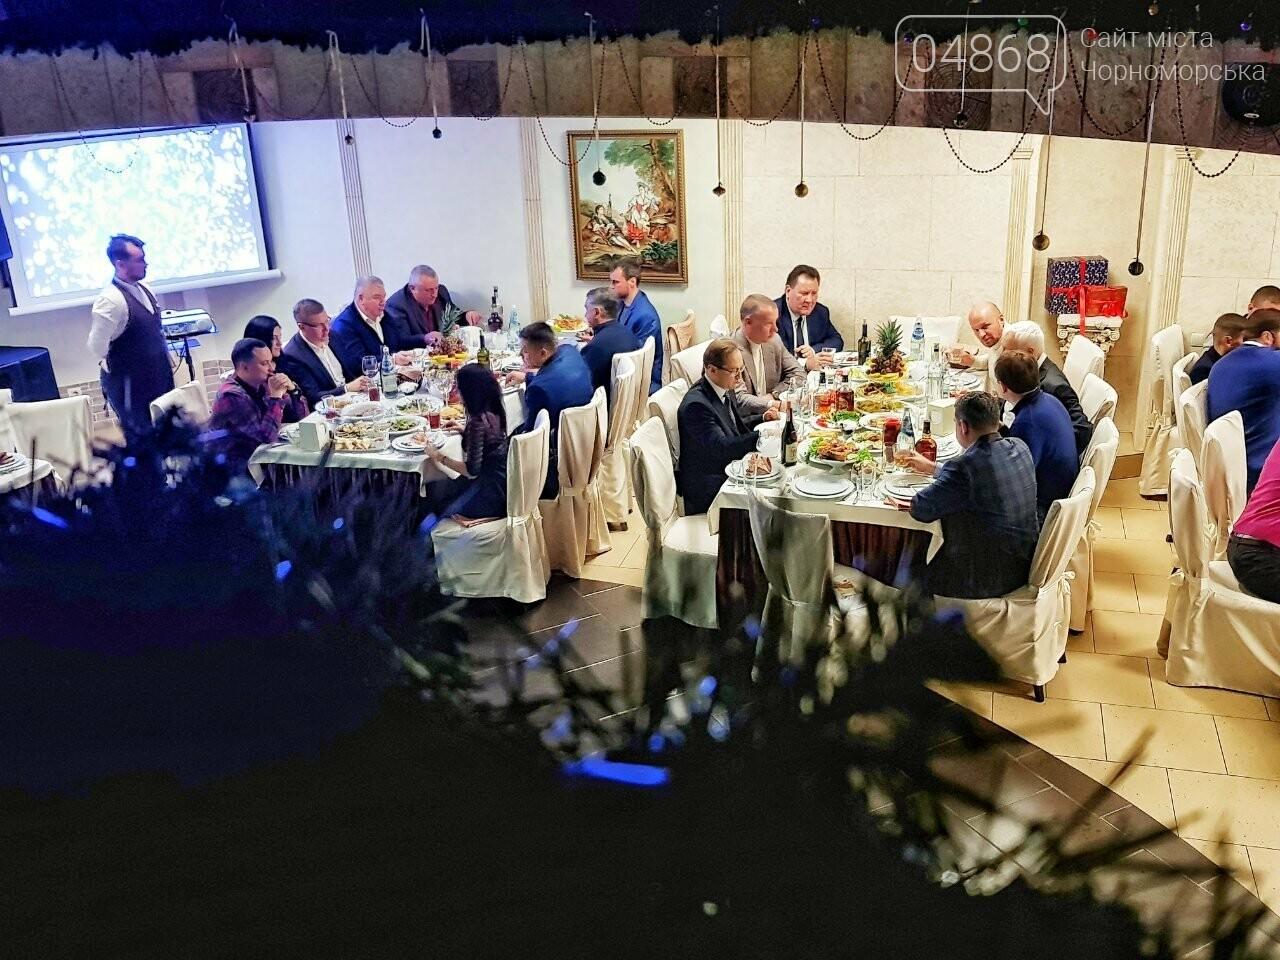 Руководство Ильичевского судоремонтного завода поздравляет с наступающими праздниками, фото-8